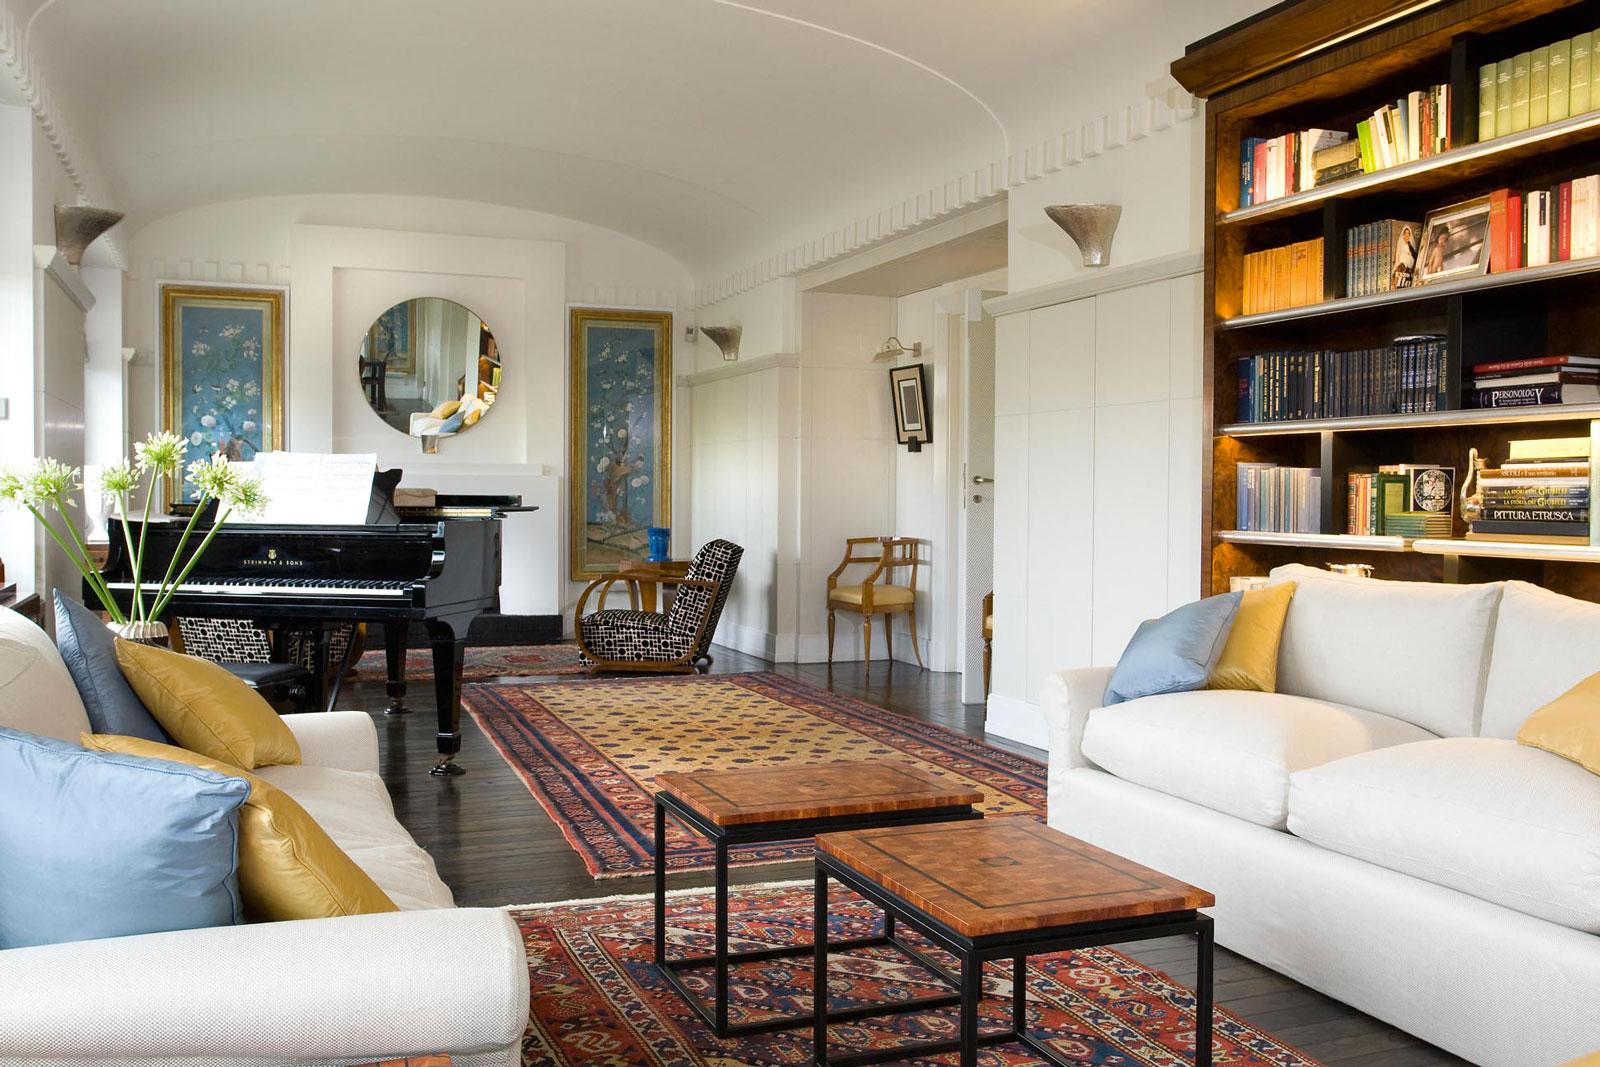 Come abbinare arredamento classico e moderno insieme for Arredamento mobili casa